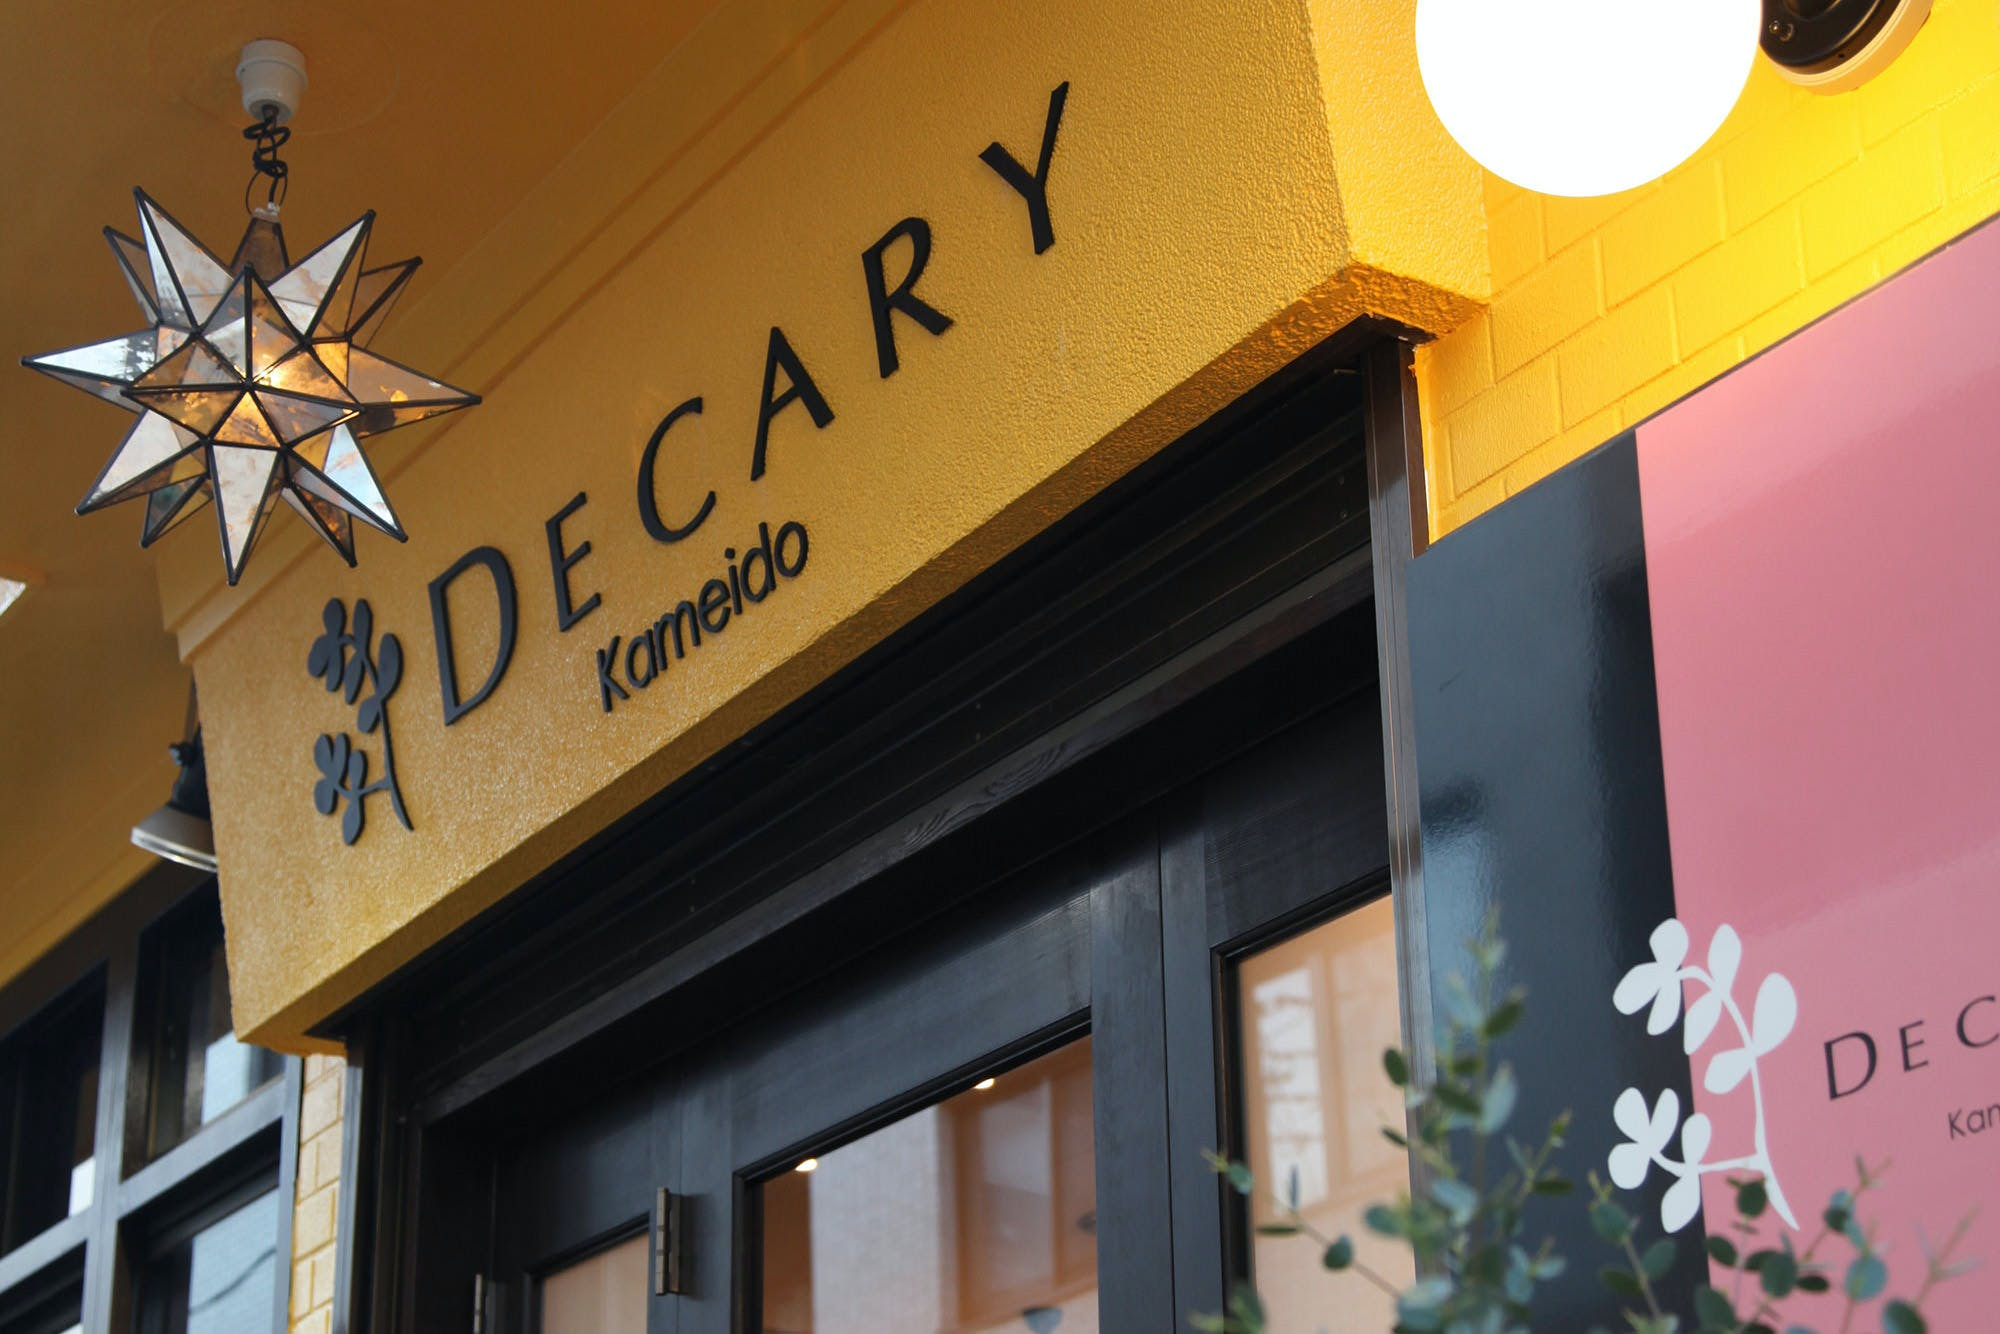 DECARY (デカリー)